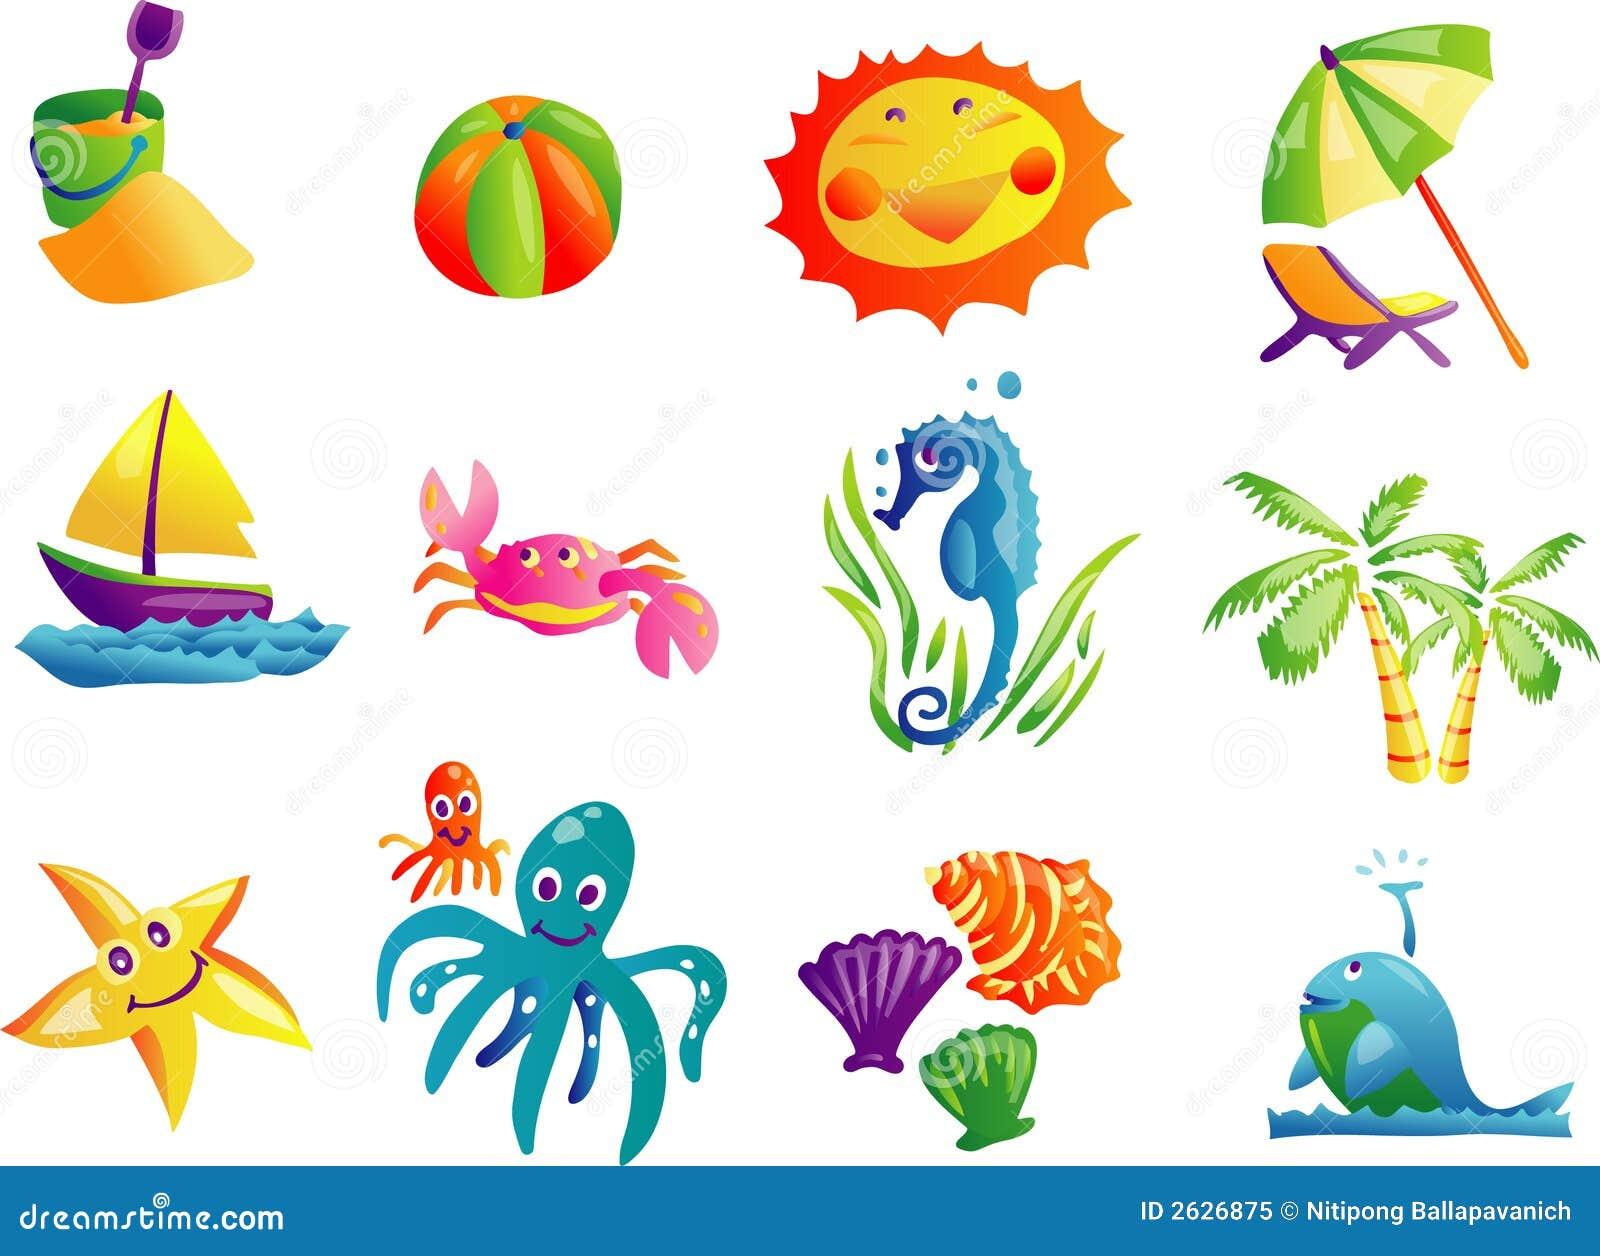 Clipart Images Graphiques De Course De Plage D Ete Illustration De Vecteur Illustration Du Images Clipart 2626875